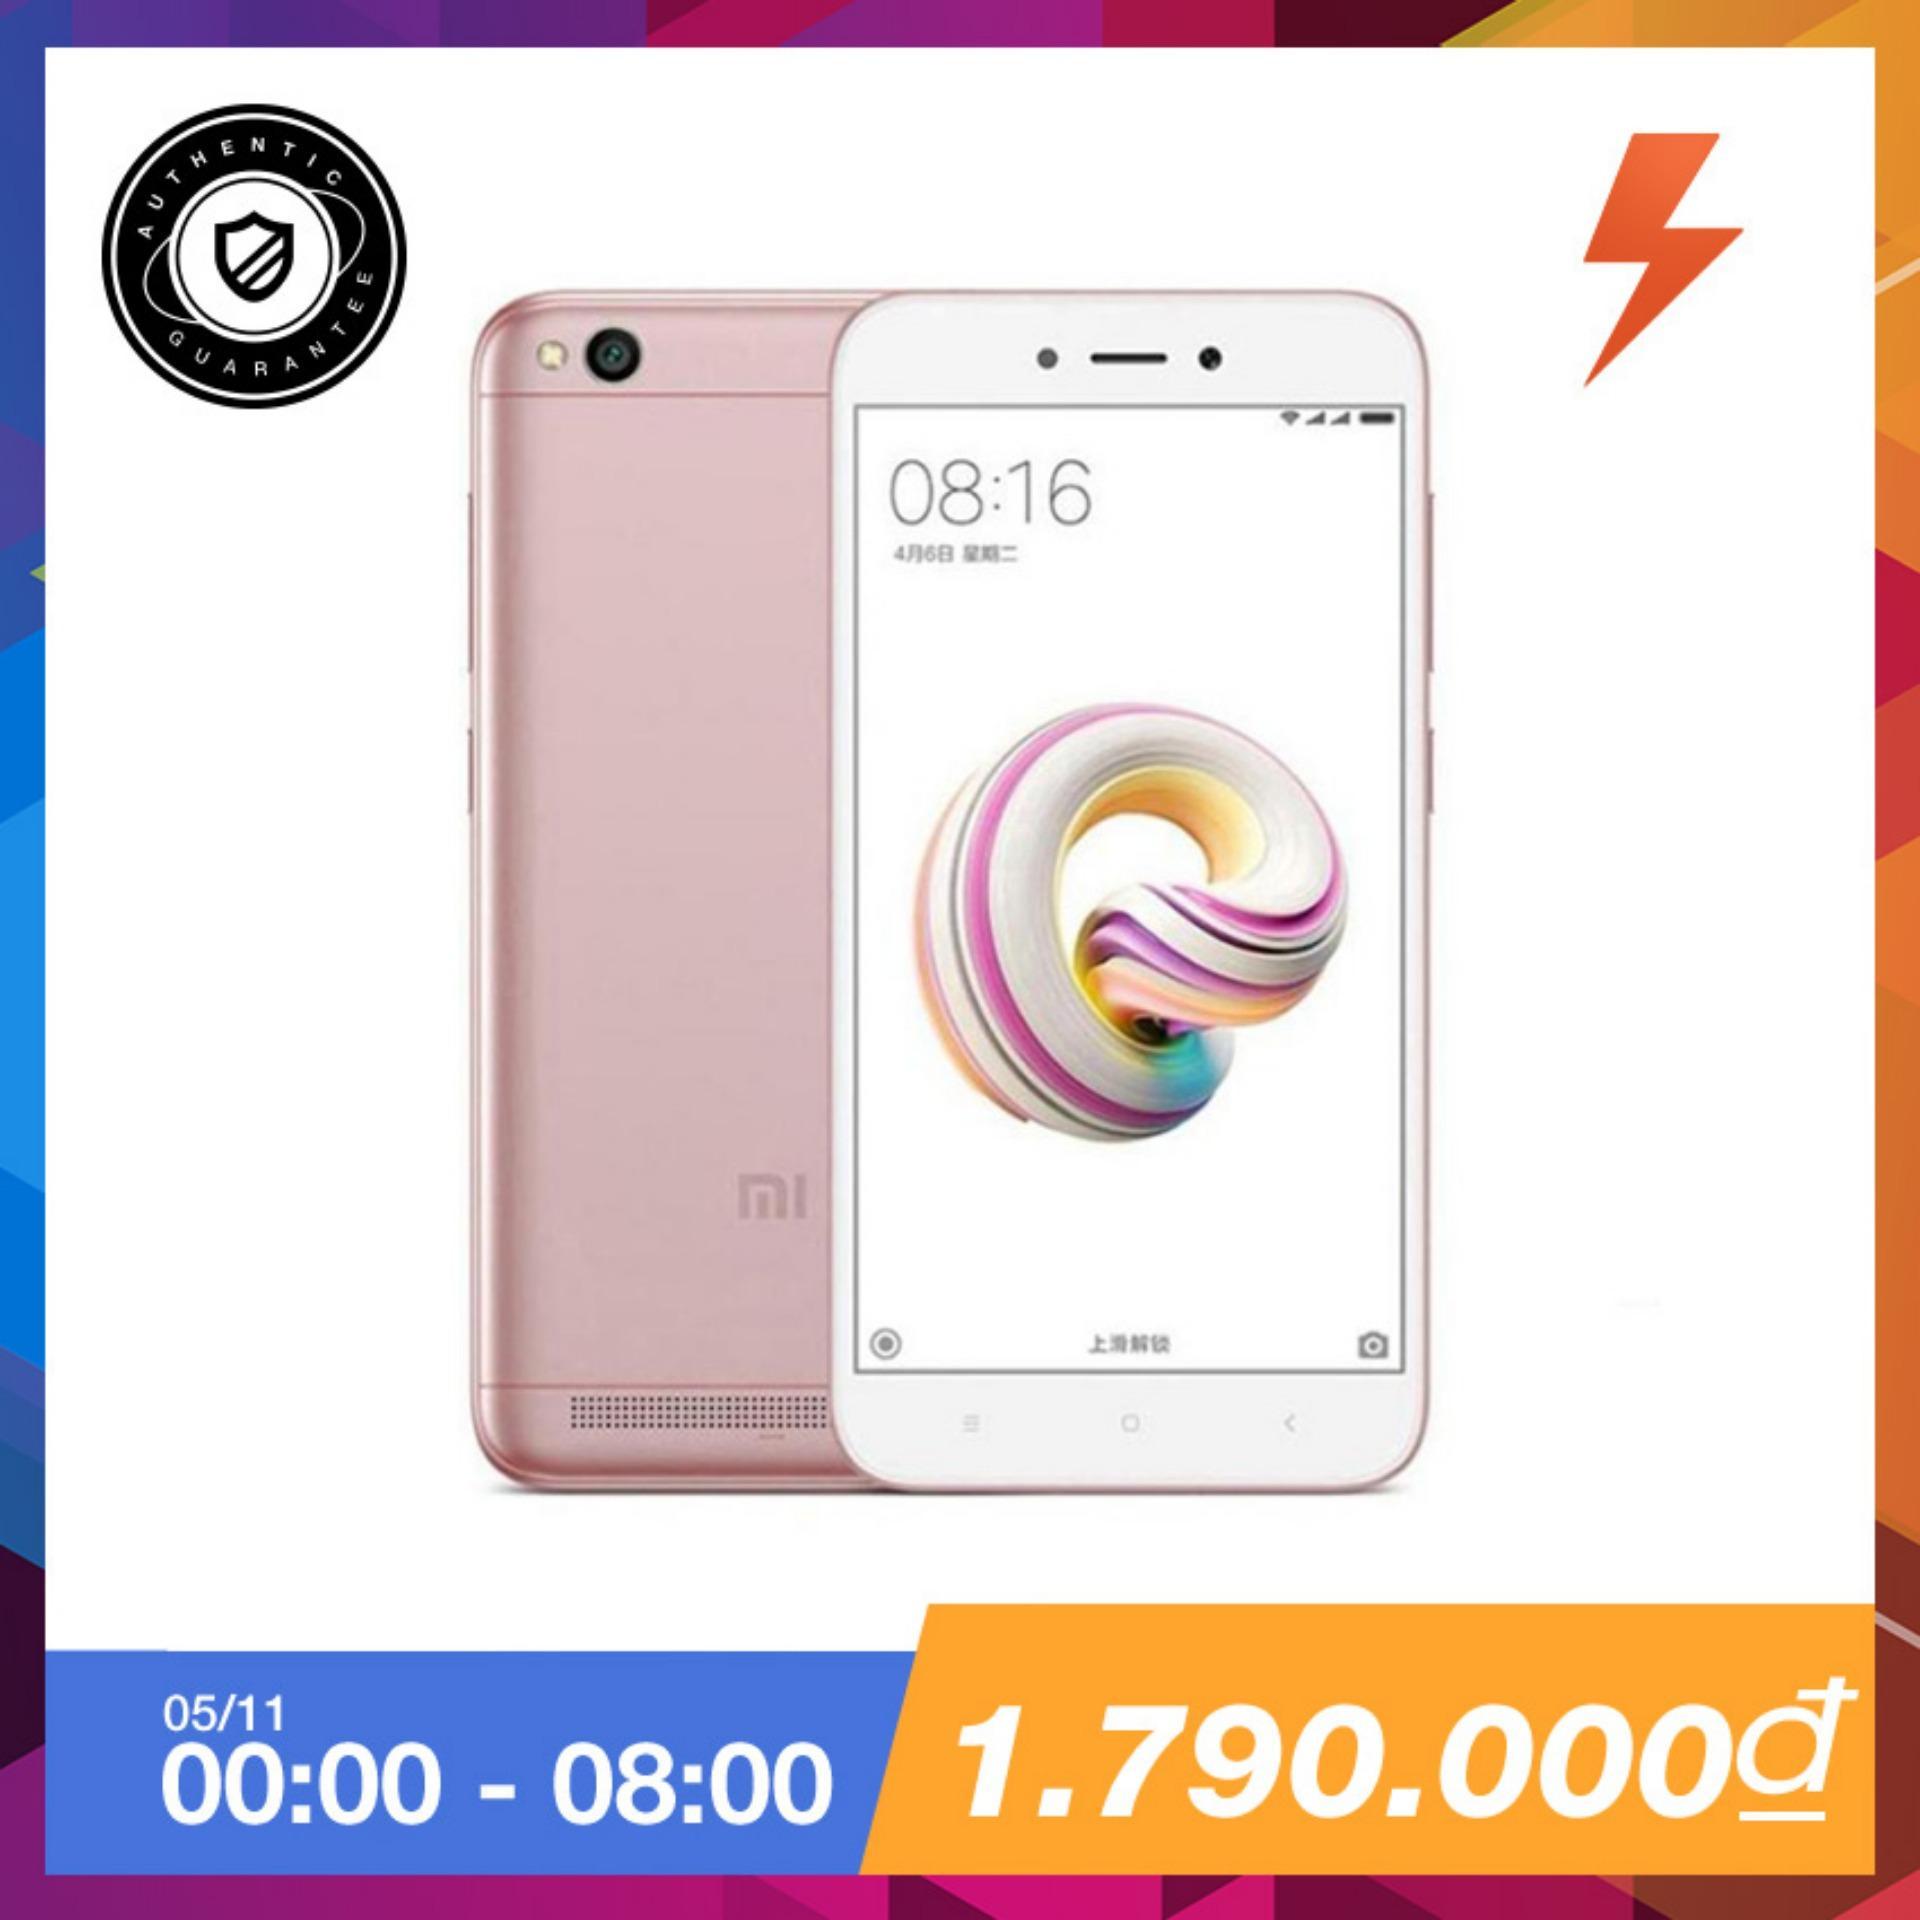 Xiaomi Redmi 5A 16Gb Ram 2Gb Vang Hồng Hang Phan Phối Chinh Thức Xiaomi Chiết Khấu